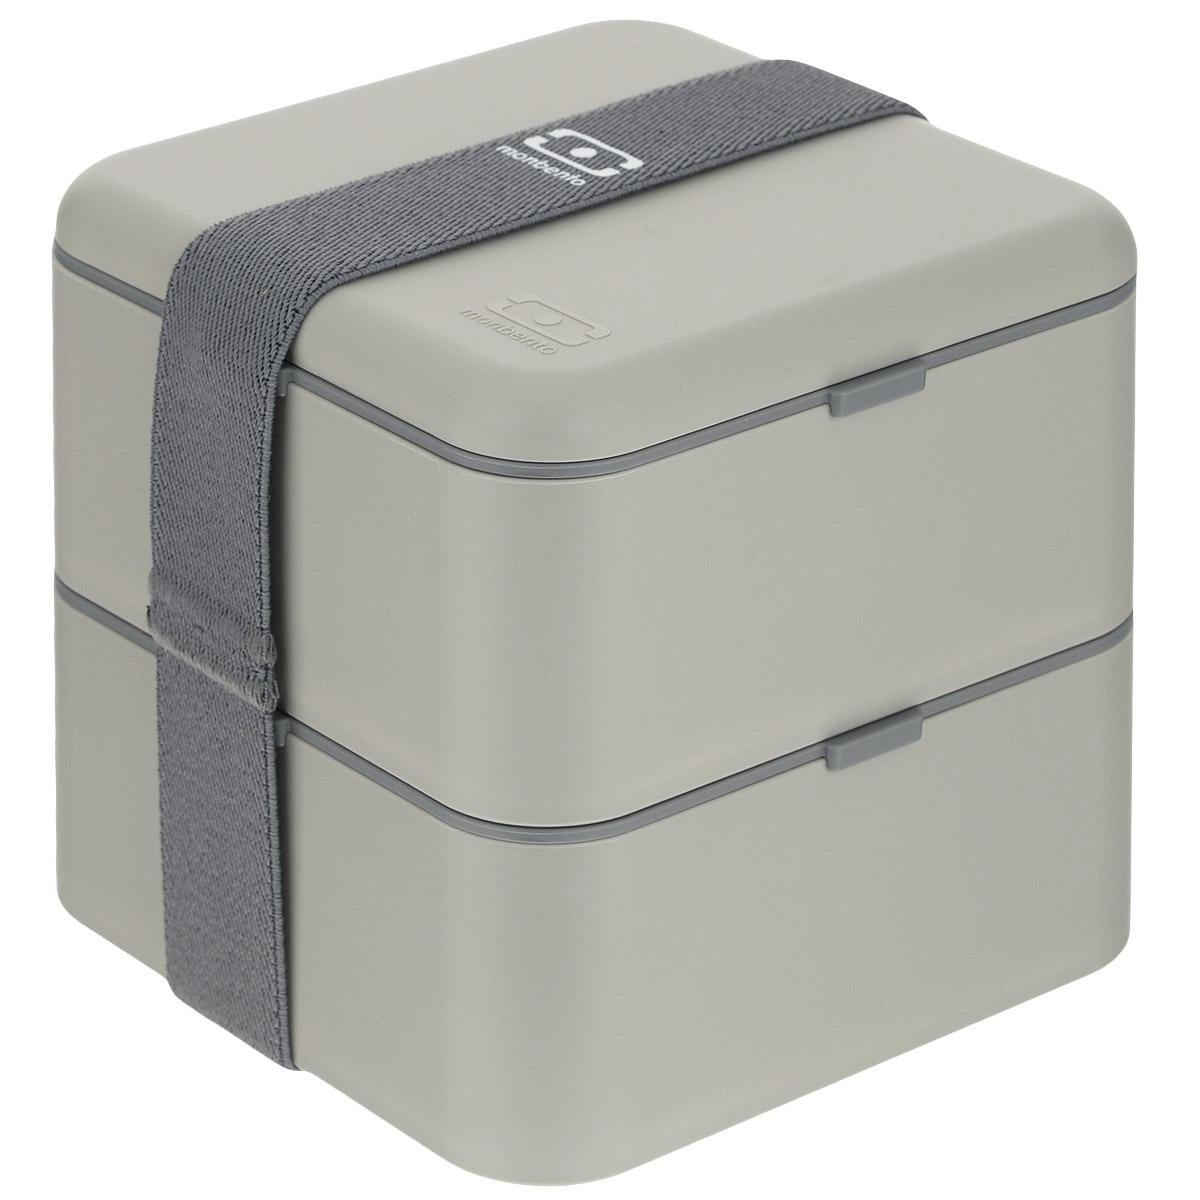 Ланчбокс Monbento Square, цвет: серый, 1,7 лVT-1520(SR)Ланчбокс Monbento Square изготовлен из высококачественного пищевого пластика. Предназначен для хранения и переноски пищевых продуктов в больших порциях: подходит для салатов, бутербродов и других блюд. Ланчбокс представляет собой два квадратных контейнера, в которых удобно хранить сразу несколько видов блюд. Контейнеры вакуумные, что позволяет продуктам дольше оставаться свежими и вкусными. Контейнеры скрепляются эластичной резинкой. Компактные размеры позволят уместить ланчбокс в любой сумке. Его удобно взять с собой на работу, отдых, в поездку. Теперь любимая домашняя еда всегда будет под рукой, а яркий дизайн поднимет настроение и подарит заряд позитива. Можно использовать в микроволновой печи и для хранения пищи в холодильнике, можно мыть в посудомоечной машине. Объем: 1,7 л. Общий размер ланчбокса: 14 см х 14 см х 14 см. Размер контейнера: 14 см х 14 см х 8 см.